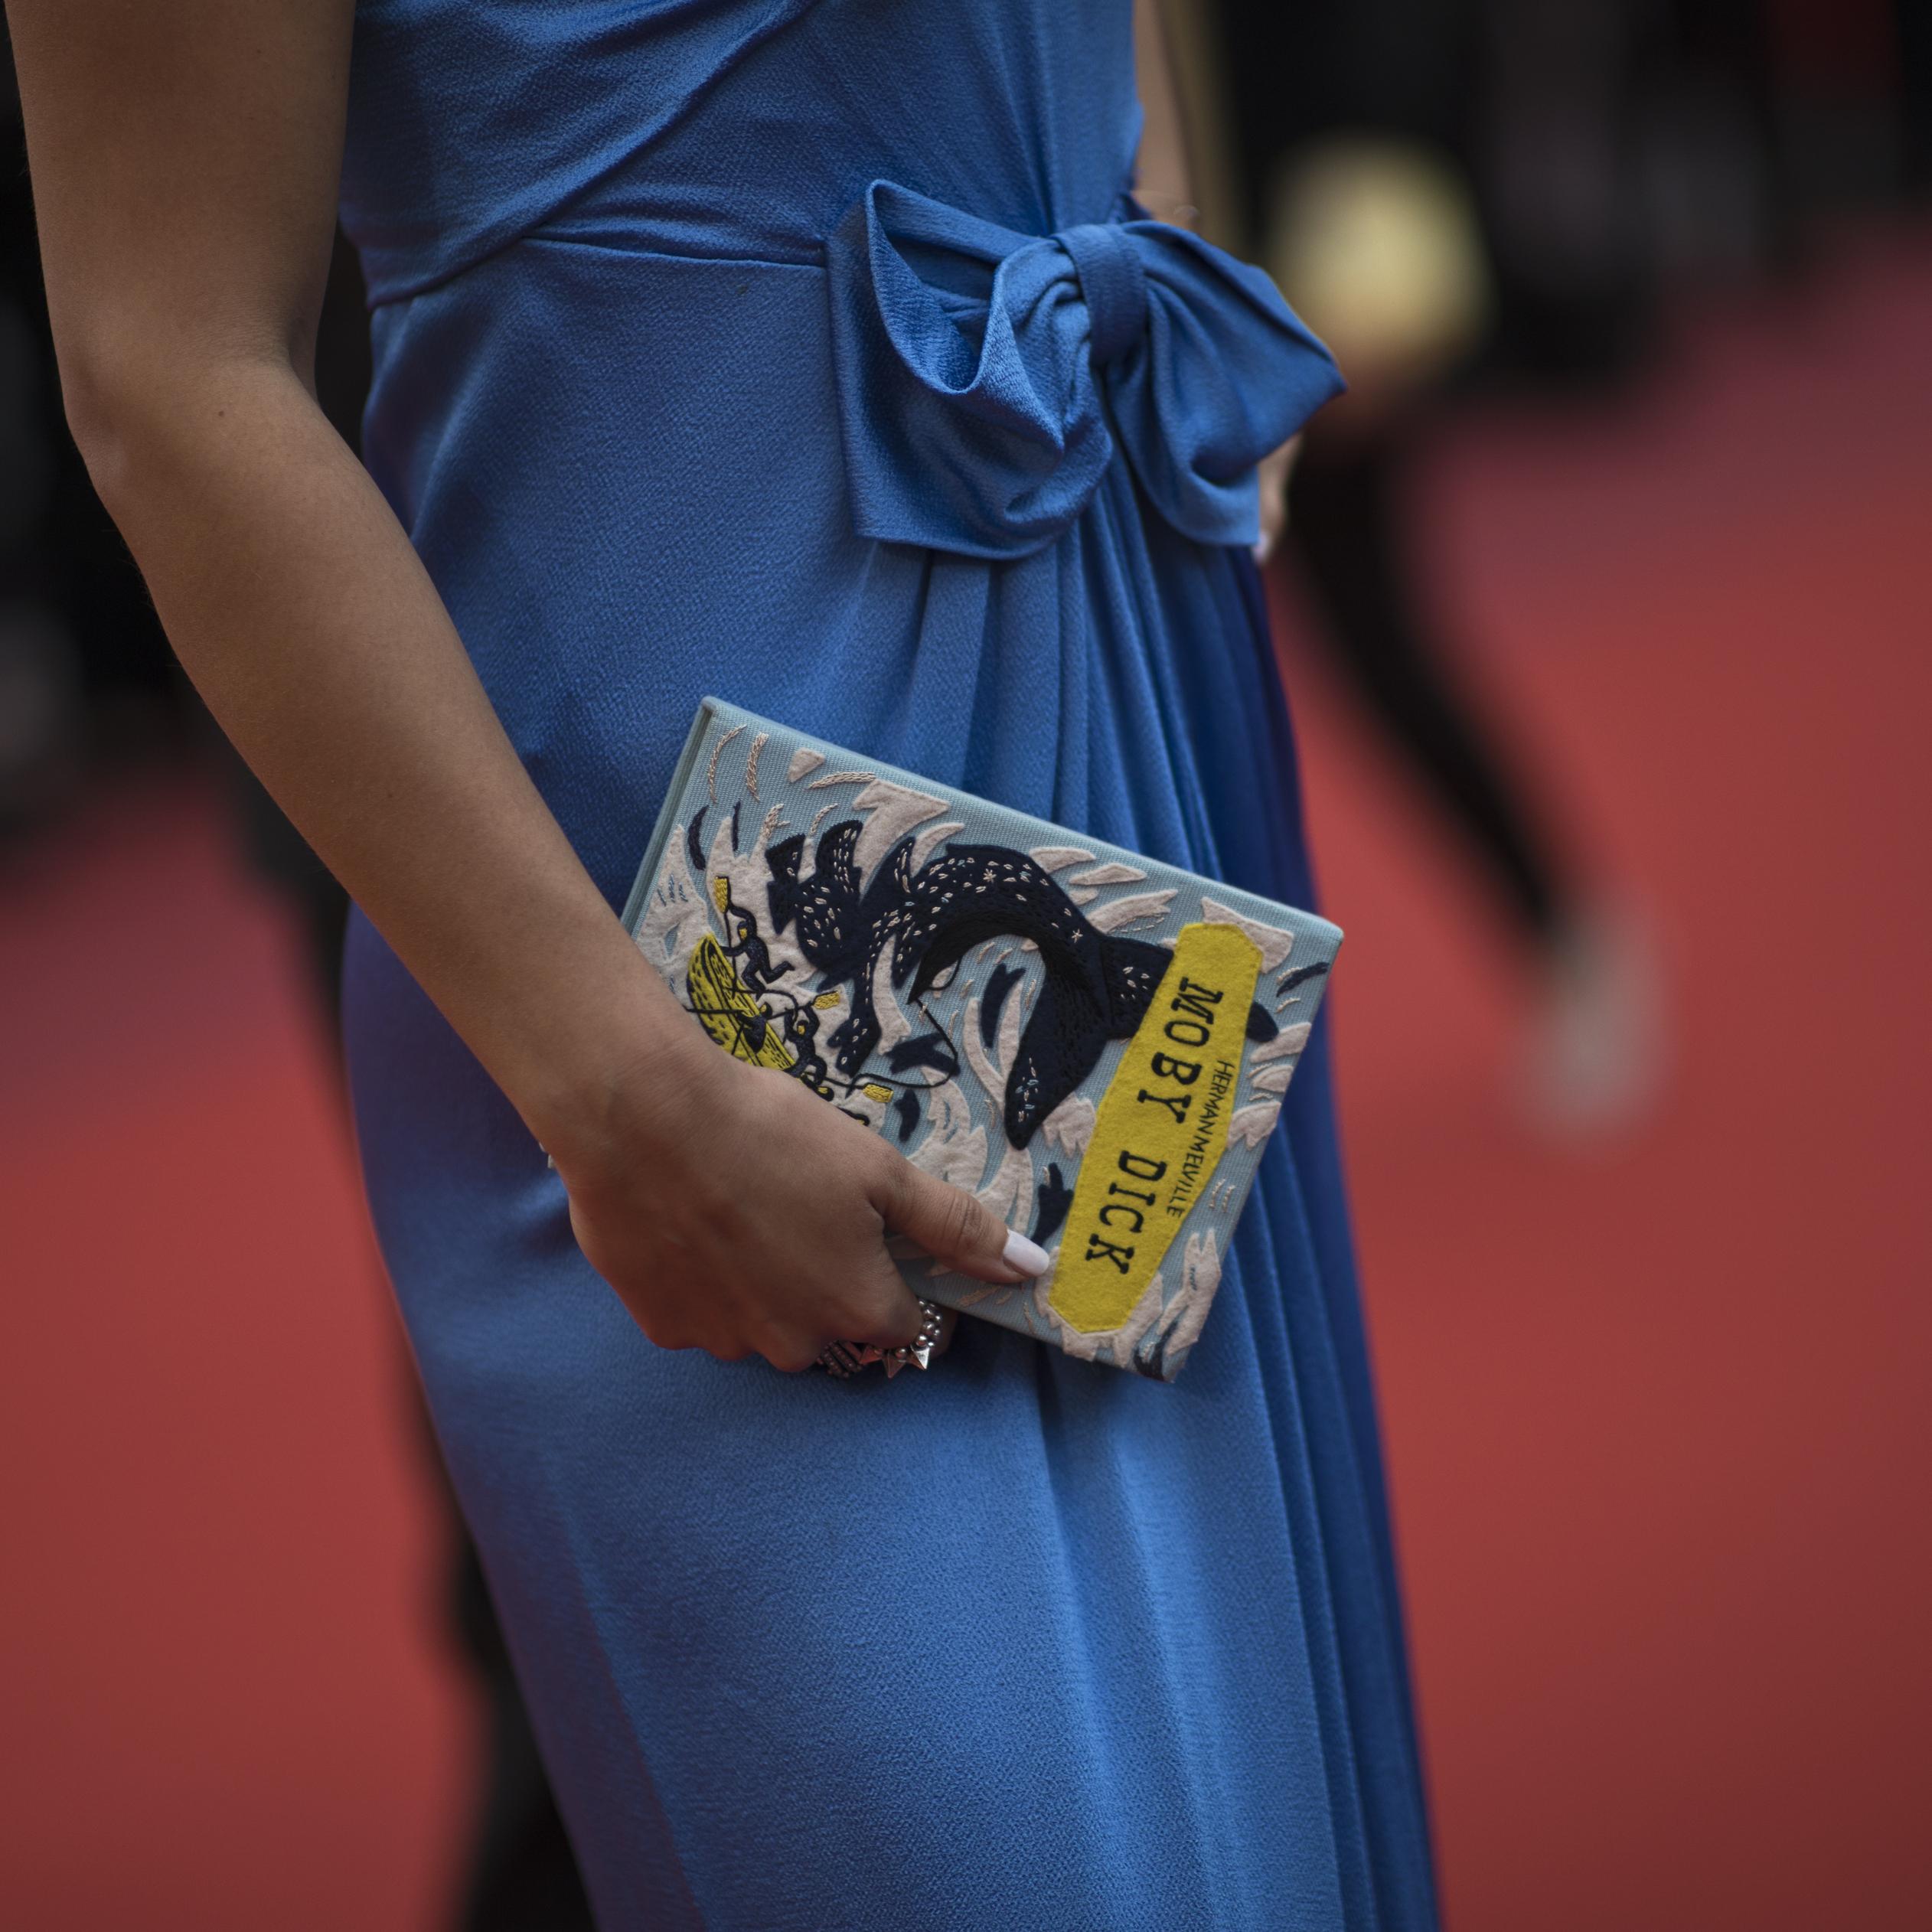 """Una mujer que asistió al estreno de """"A Hidden Life"""" llevando como accesorio un """"clutch"""" alusivo al personaje de Moby Dick. (Foto: AP/Petros Giannakouris)"""